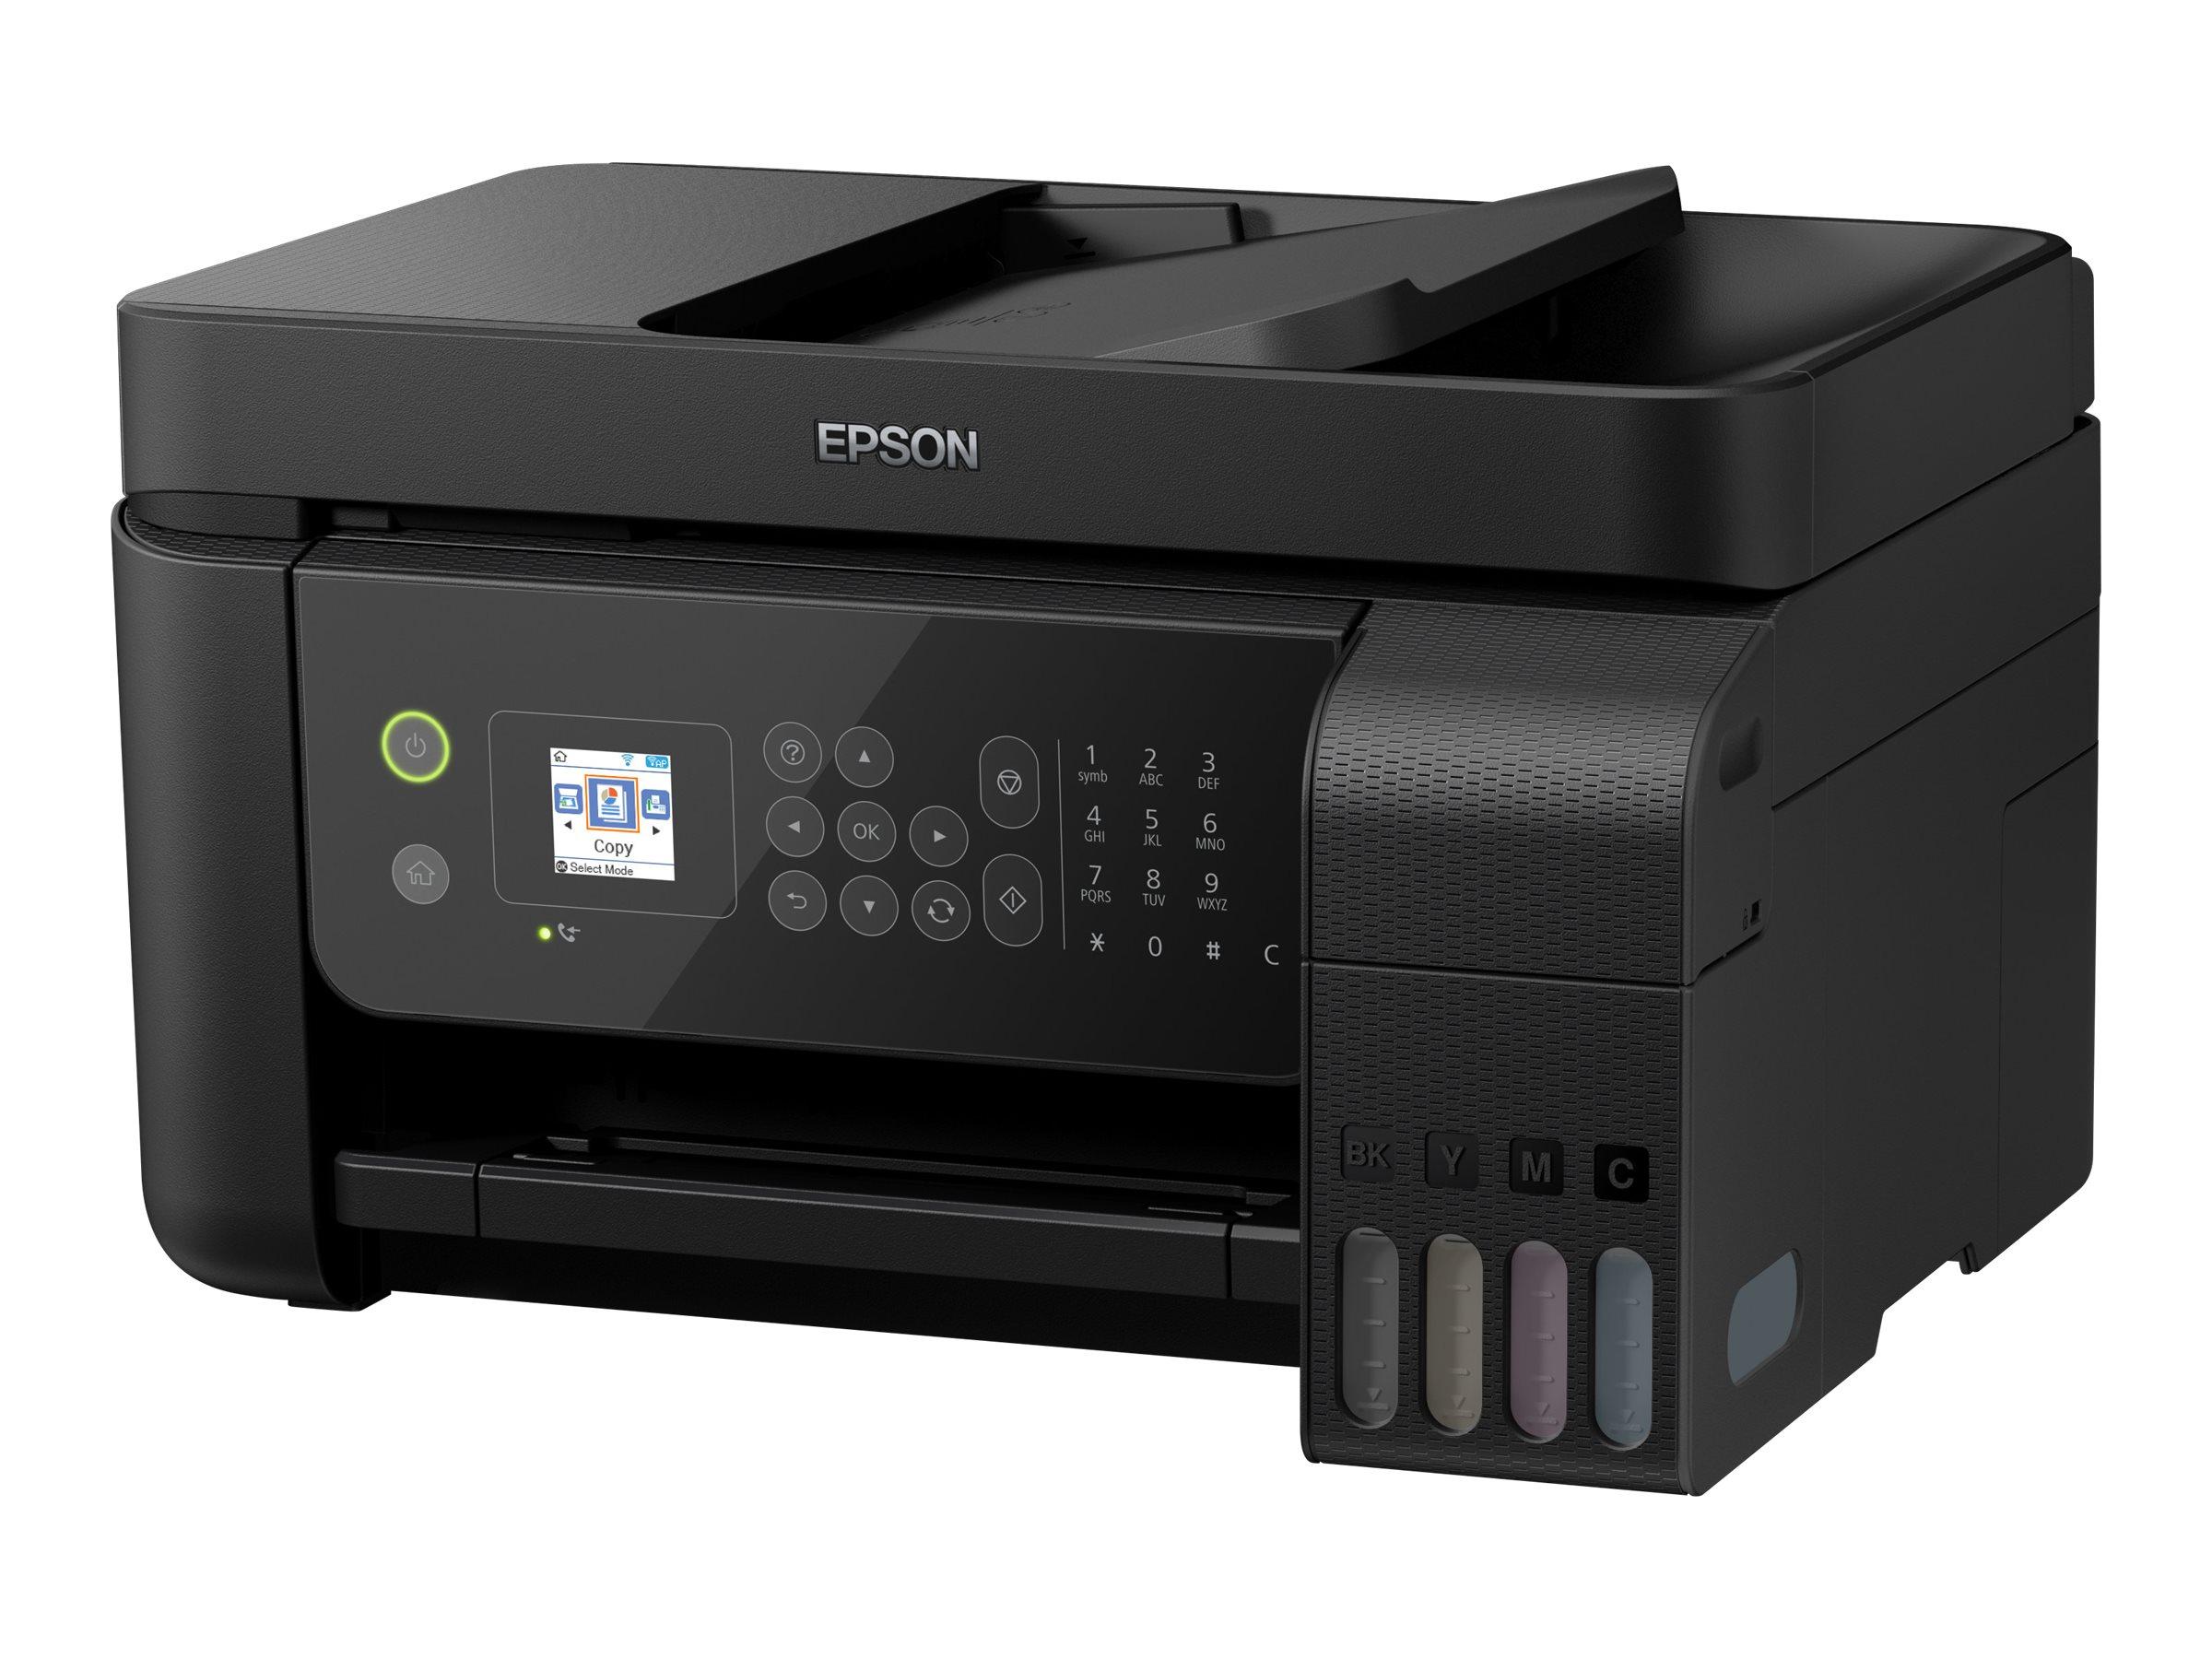 Epson EcoTank ET-4700 Unlimited - Multifunktionsdrucker - Farbe - Tintenstrahl - A4/Legal (Medien) - bis zu 10 Seiten/Min. (Druc